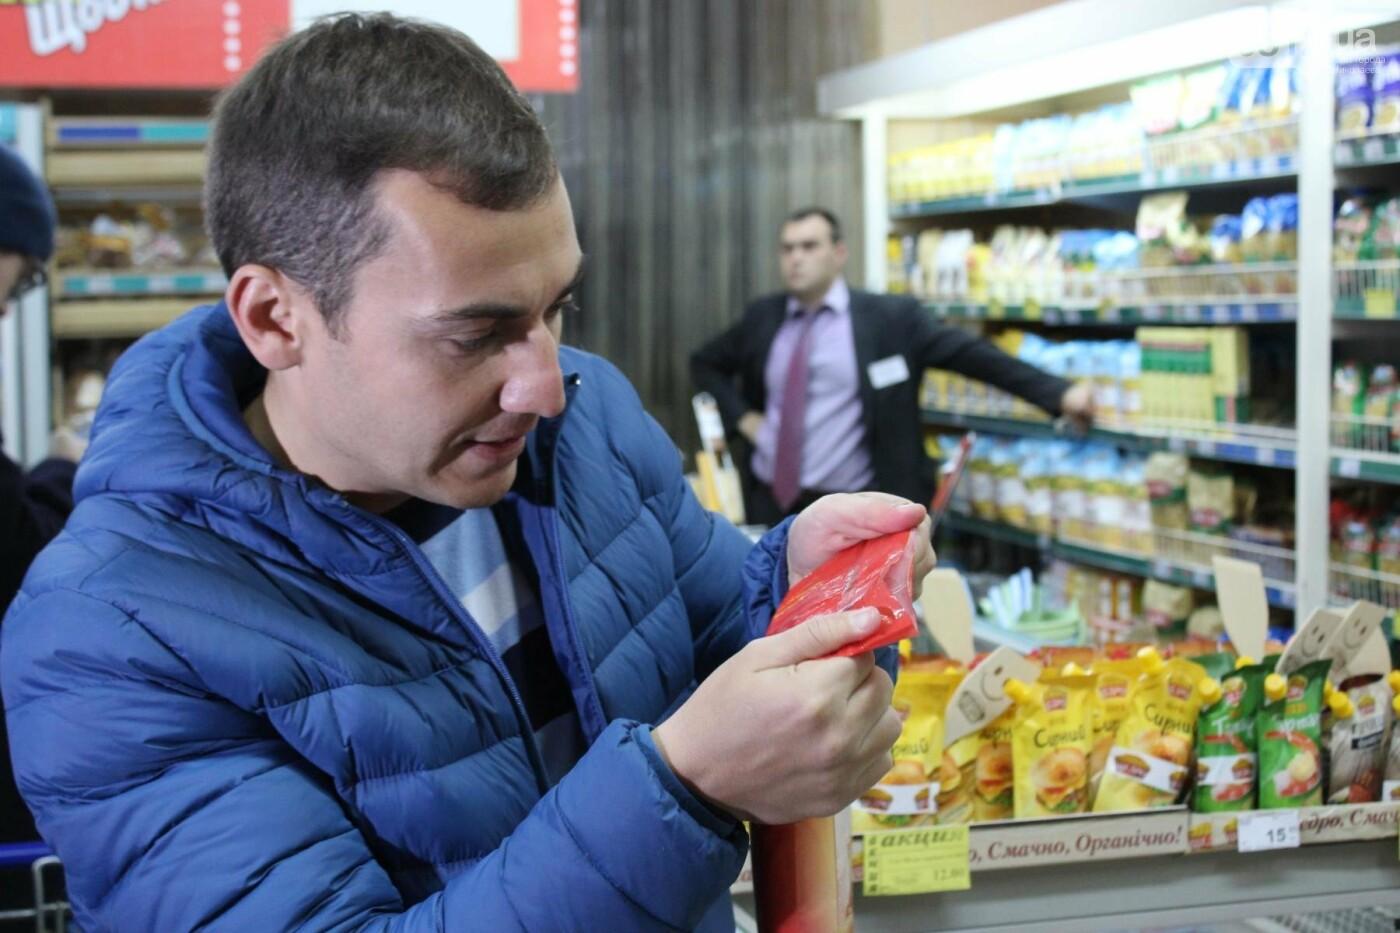 Проверка в супермаркетах: как николаевцам подсовывают испорченный товар (ФОТОРЕПОРТАЖ, ВИДЕО), фото-10